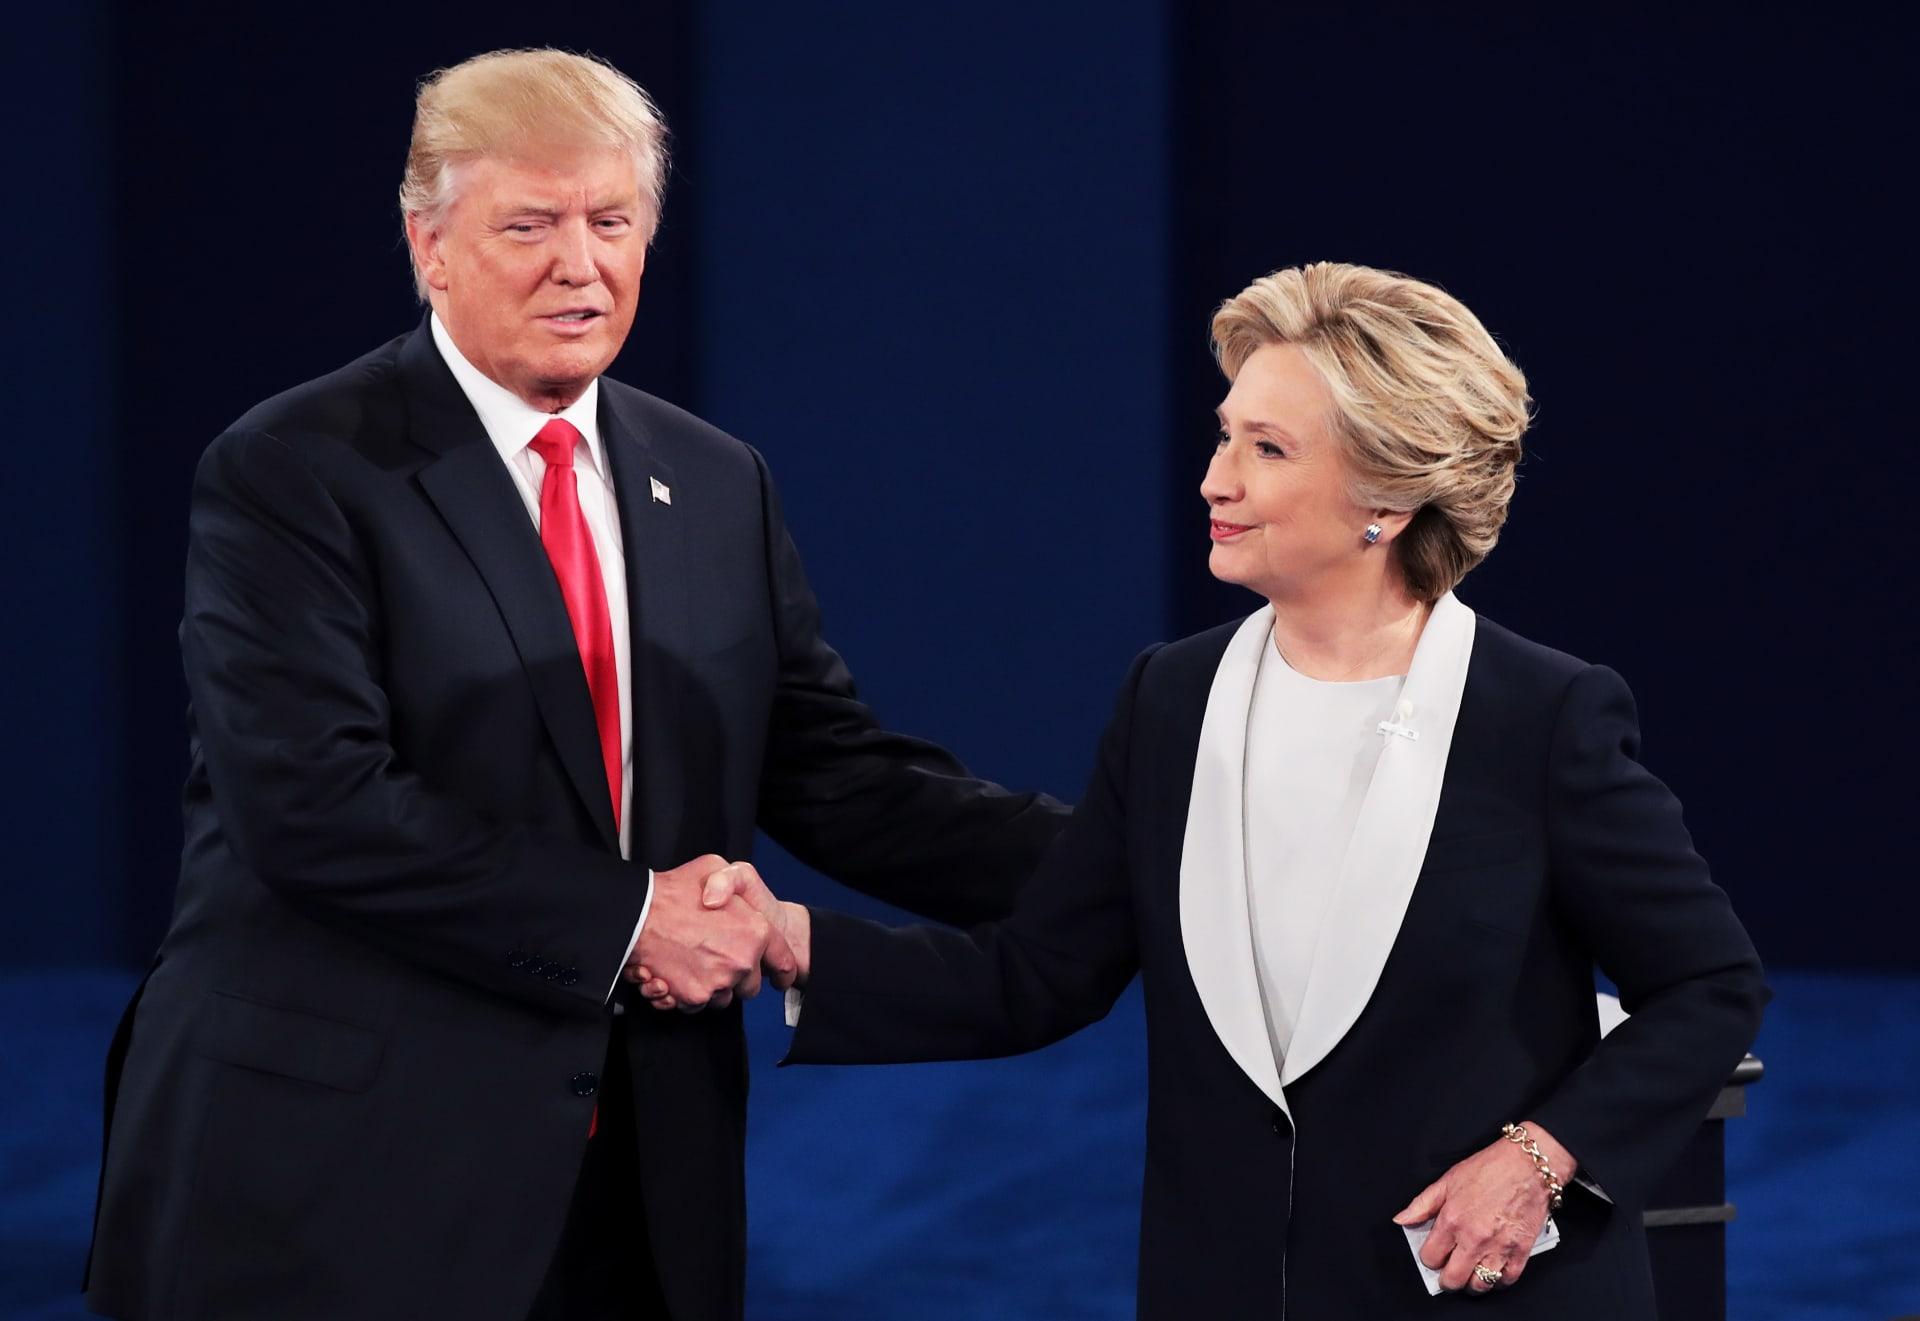 في مواجهة الشعب.. ترامب يهدد بسجن كلينتون والأخيرة ترد: تعيش في عالمك الخاص